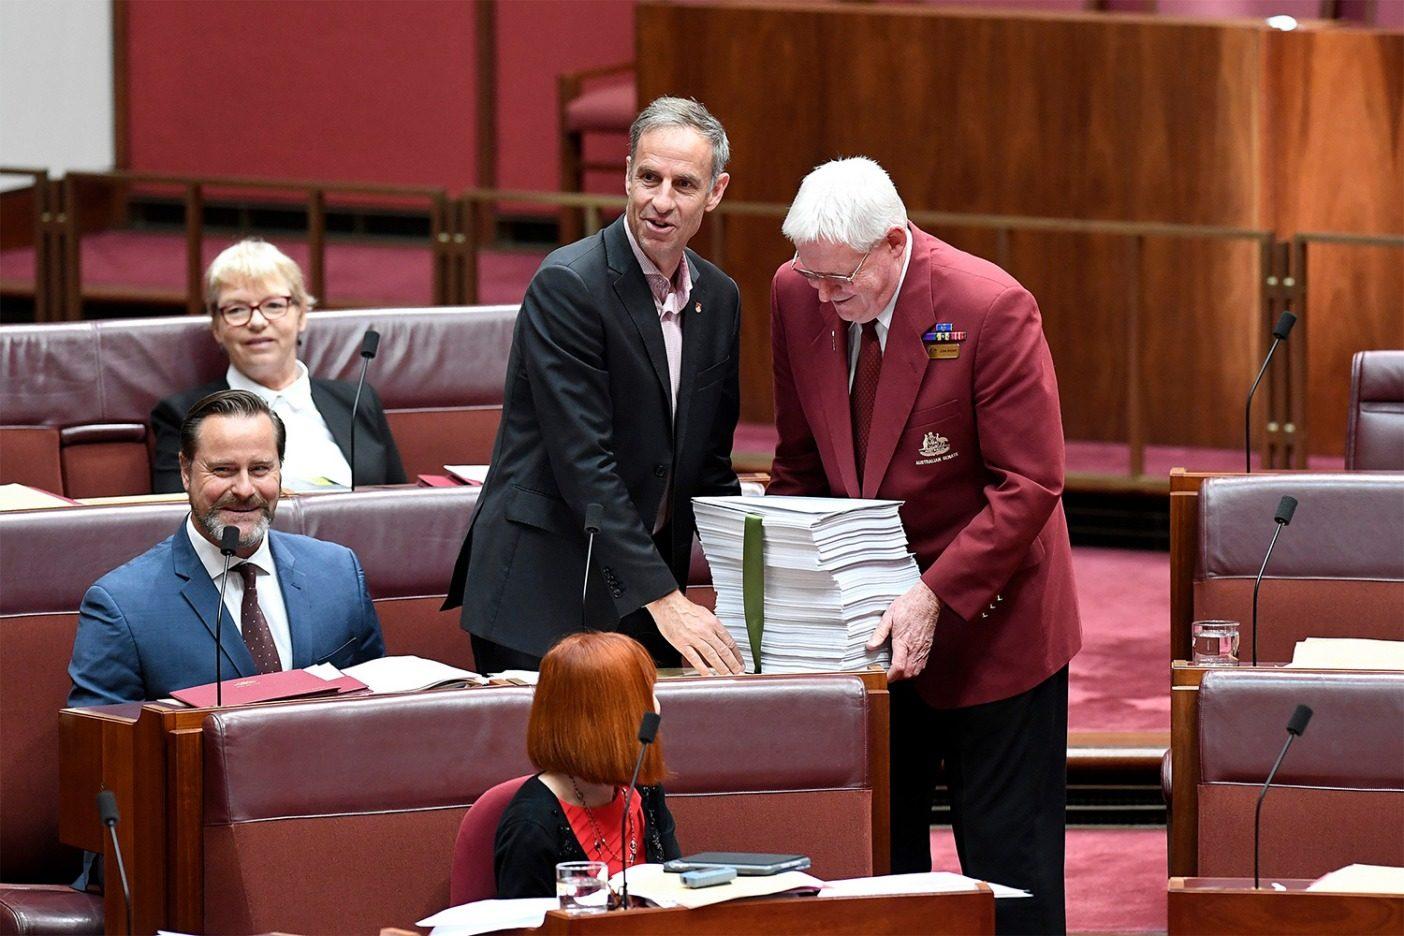 オーストラリア議会に嘆願書を提出する緑の党の連邦議員ニック・マックキム(写真)とピーター・ウィッシュ・ウィルソン。この時点で27万人以上が署名していた。Photo: Penny Bradfield